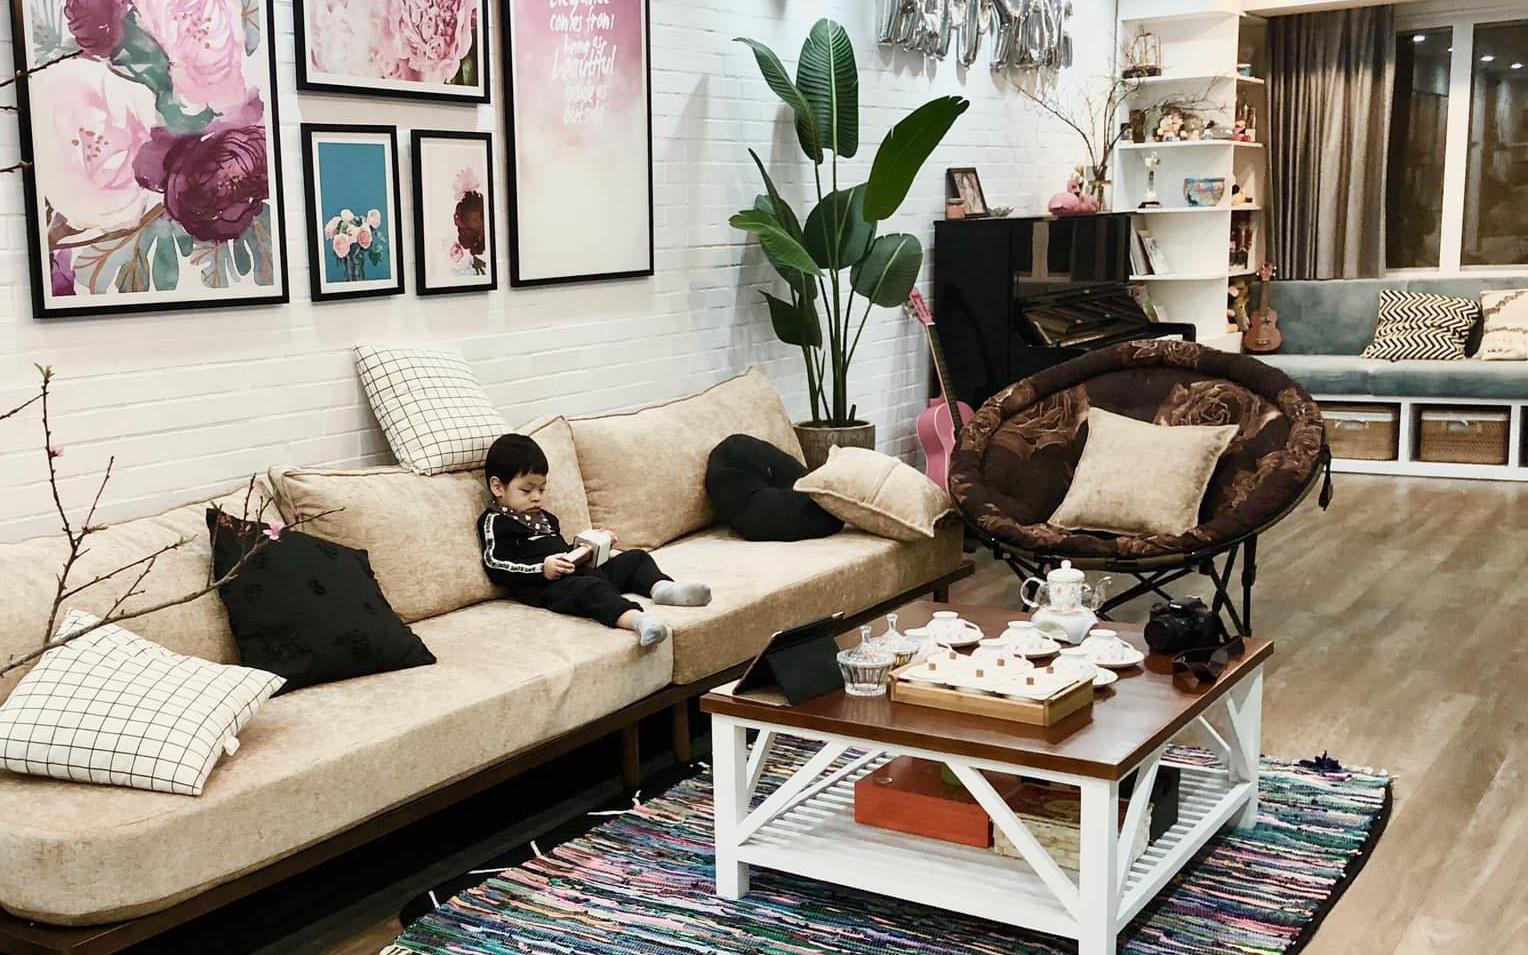 Căn hộ 145m² được décor ấn tượng với tranh ảnh treo tường vừa tiết kiệm vừa đẹp bất ngờ